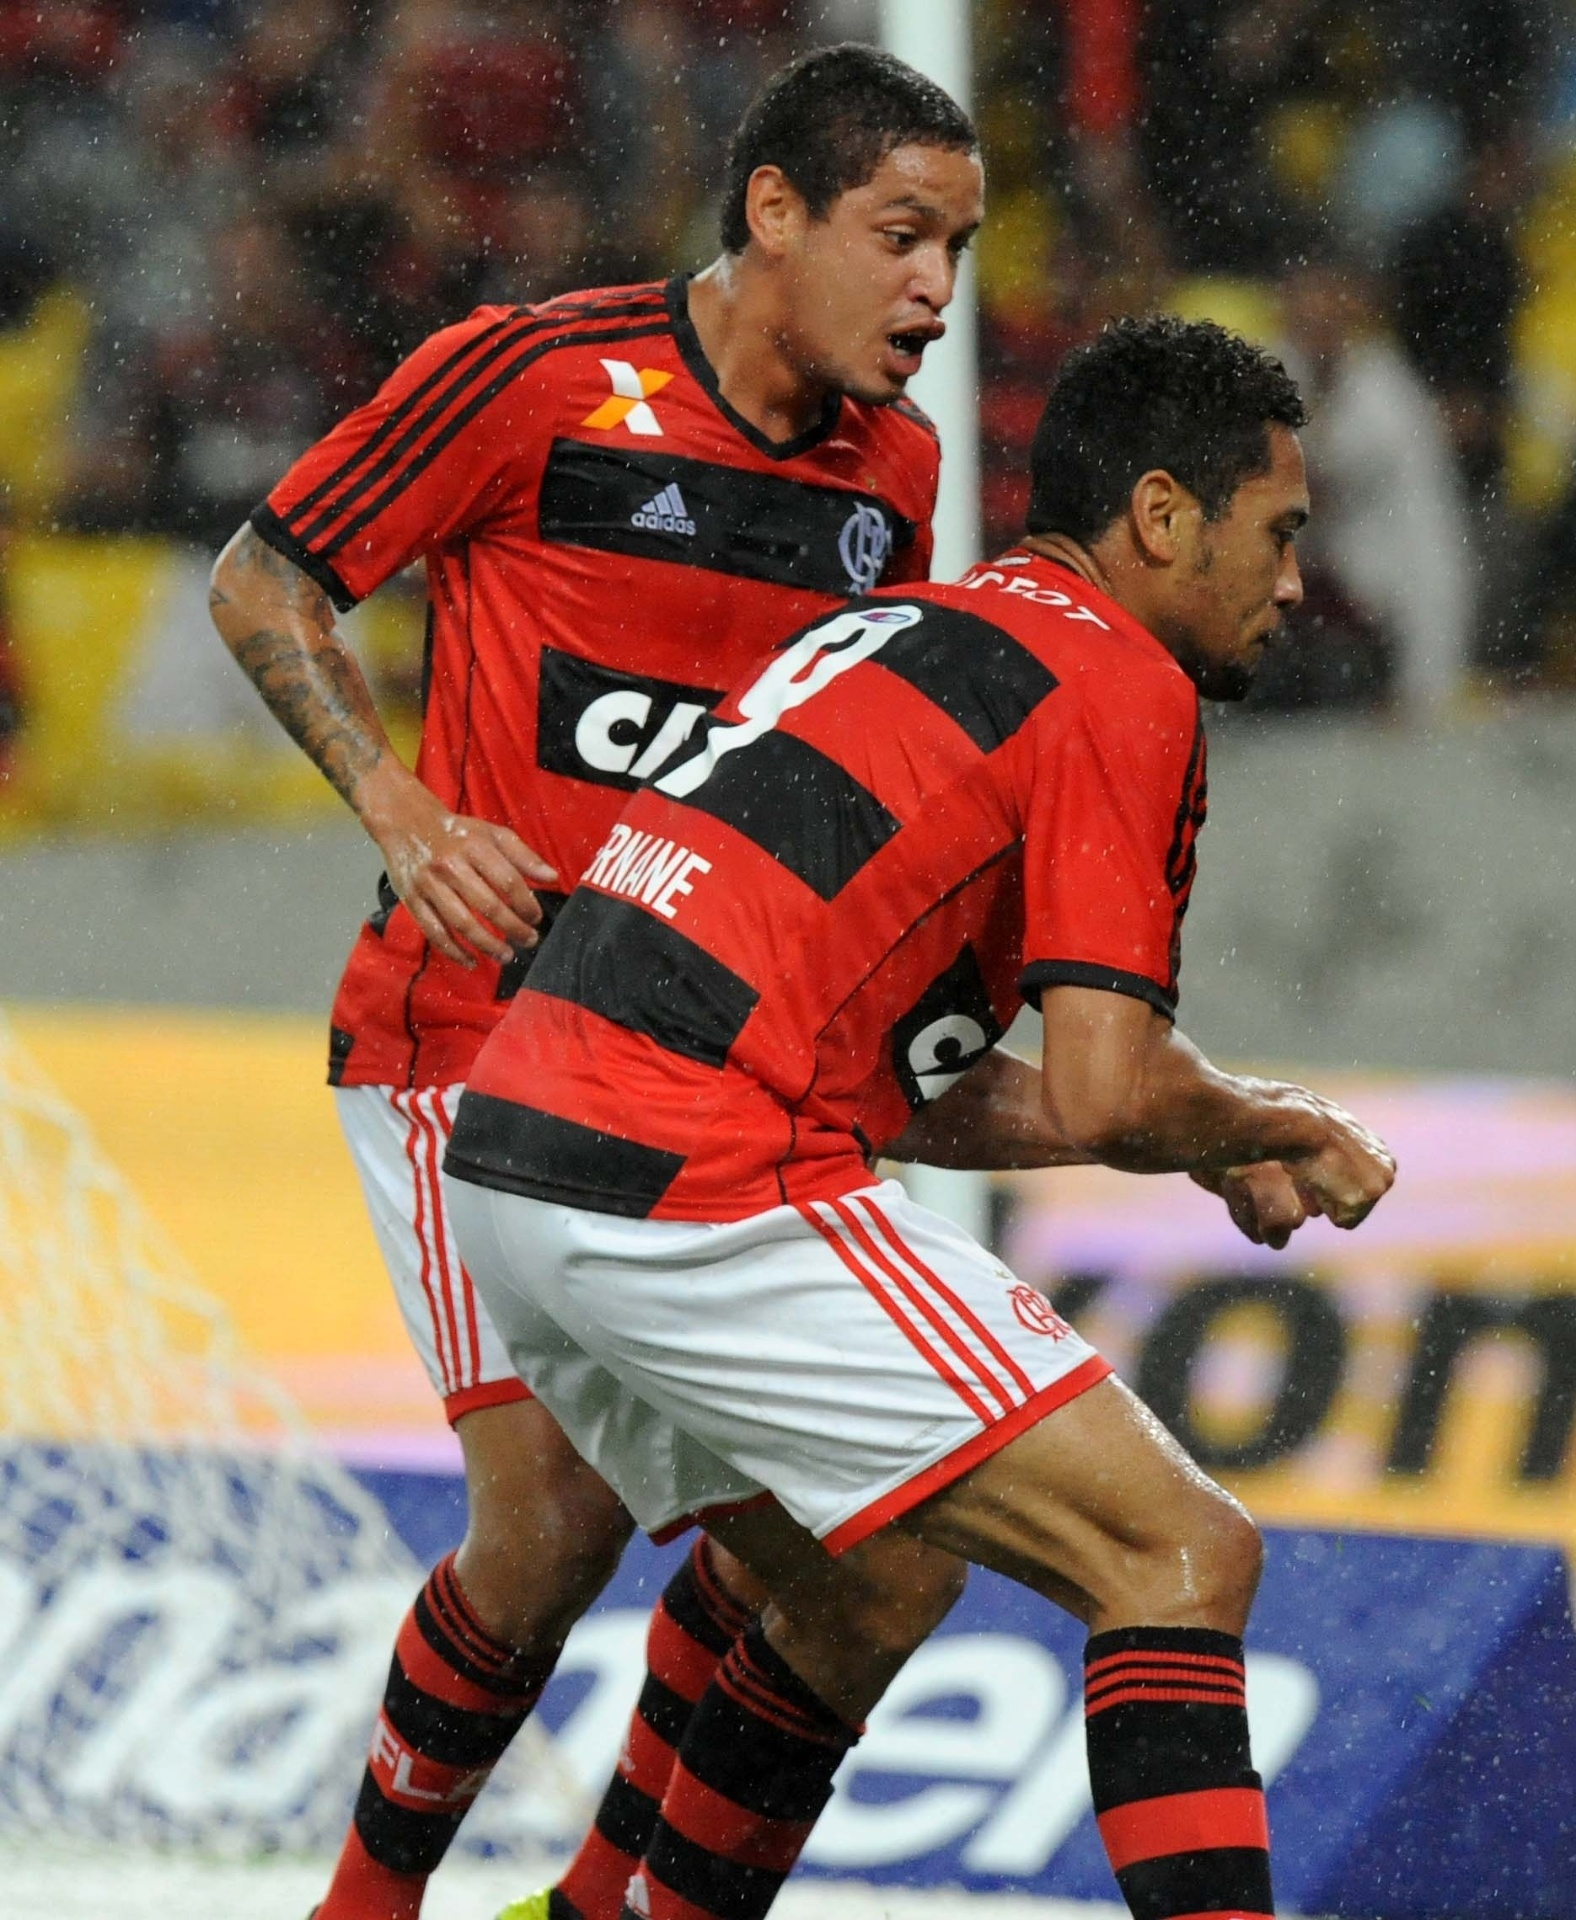 http://imguol.com/c/esporte/2013/11/06/hernane-comemora-gol-do-flamengo-contra-o-goias-pela-copa-do-brasil-1383787303810_1576x1920.jpg